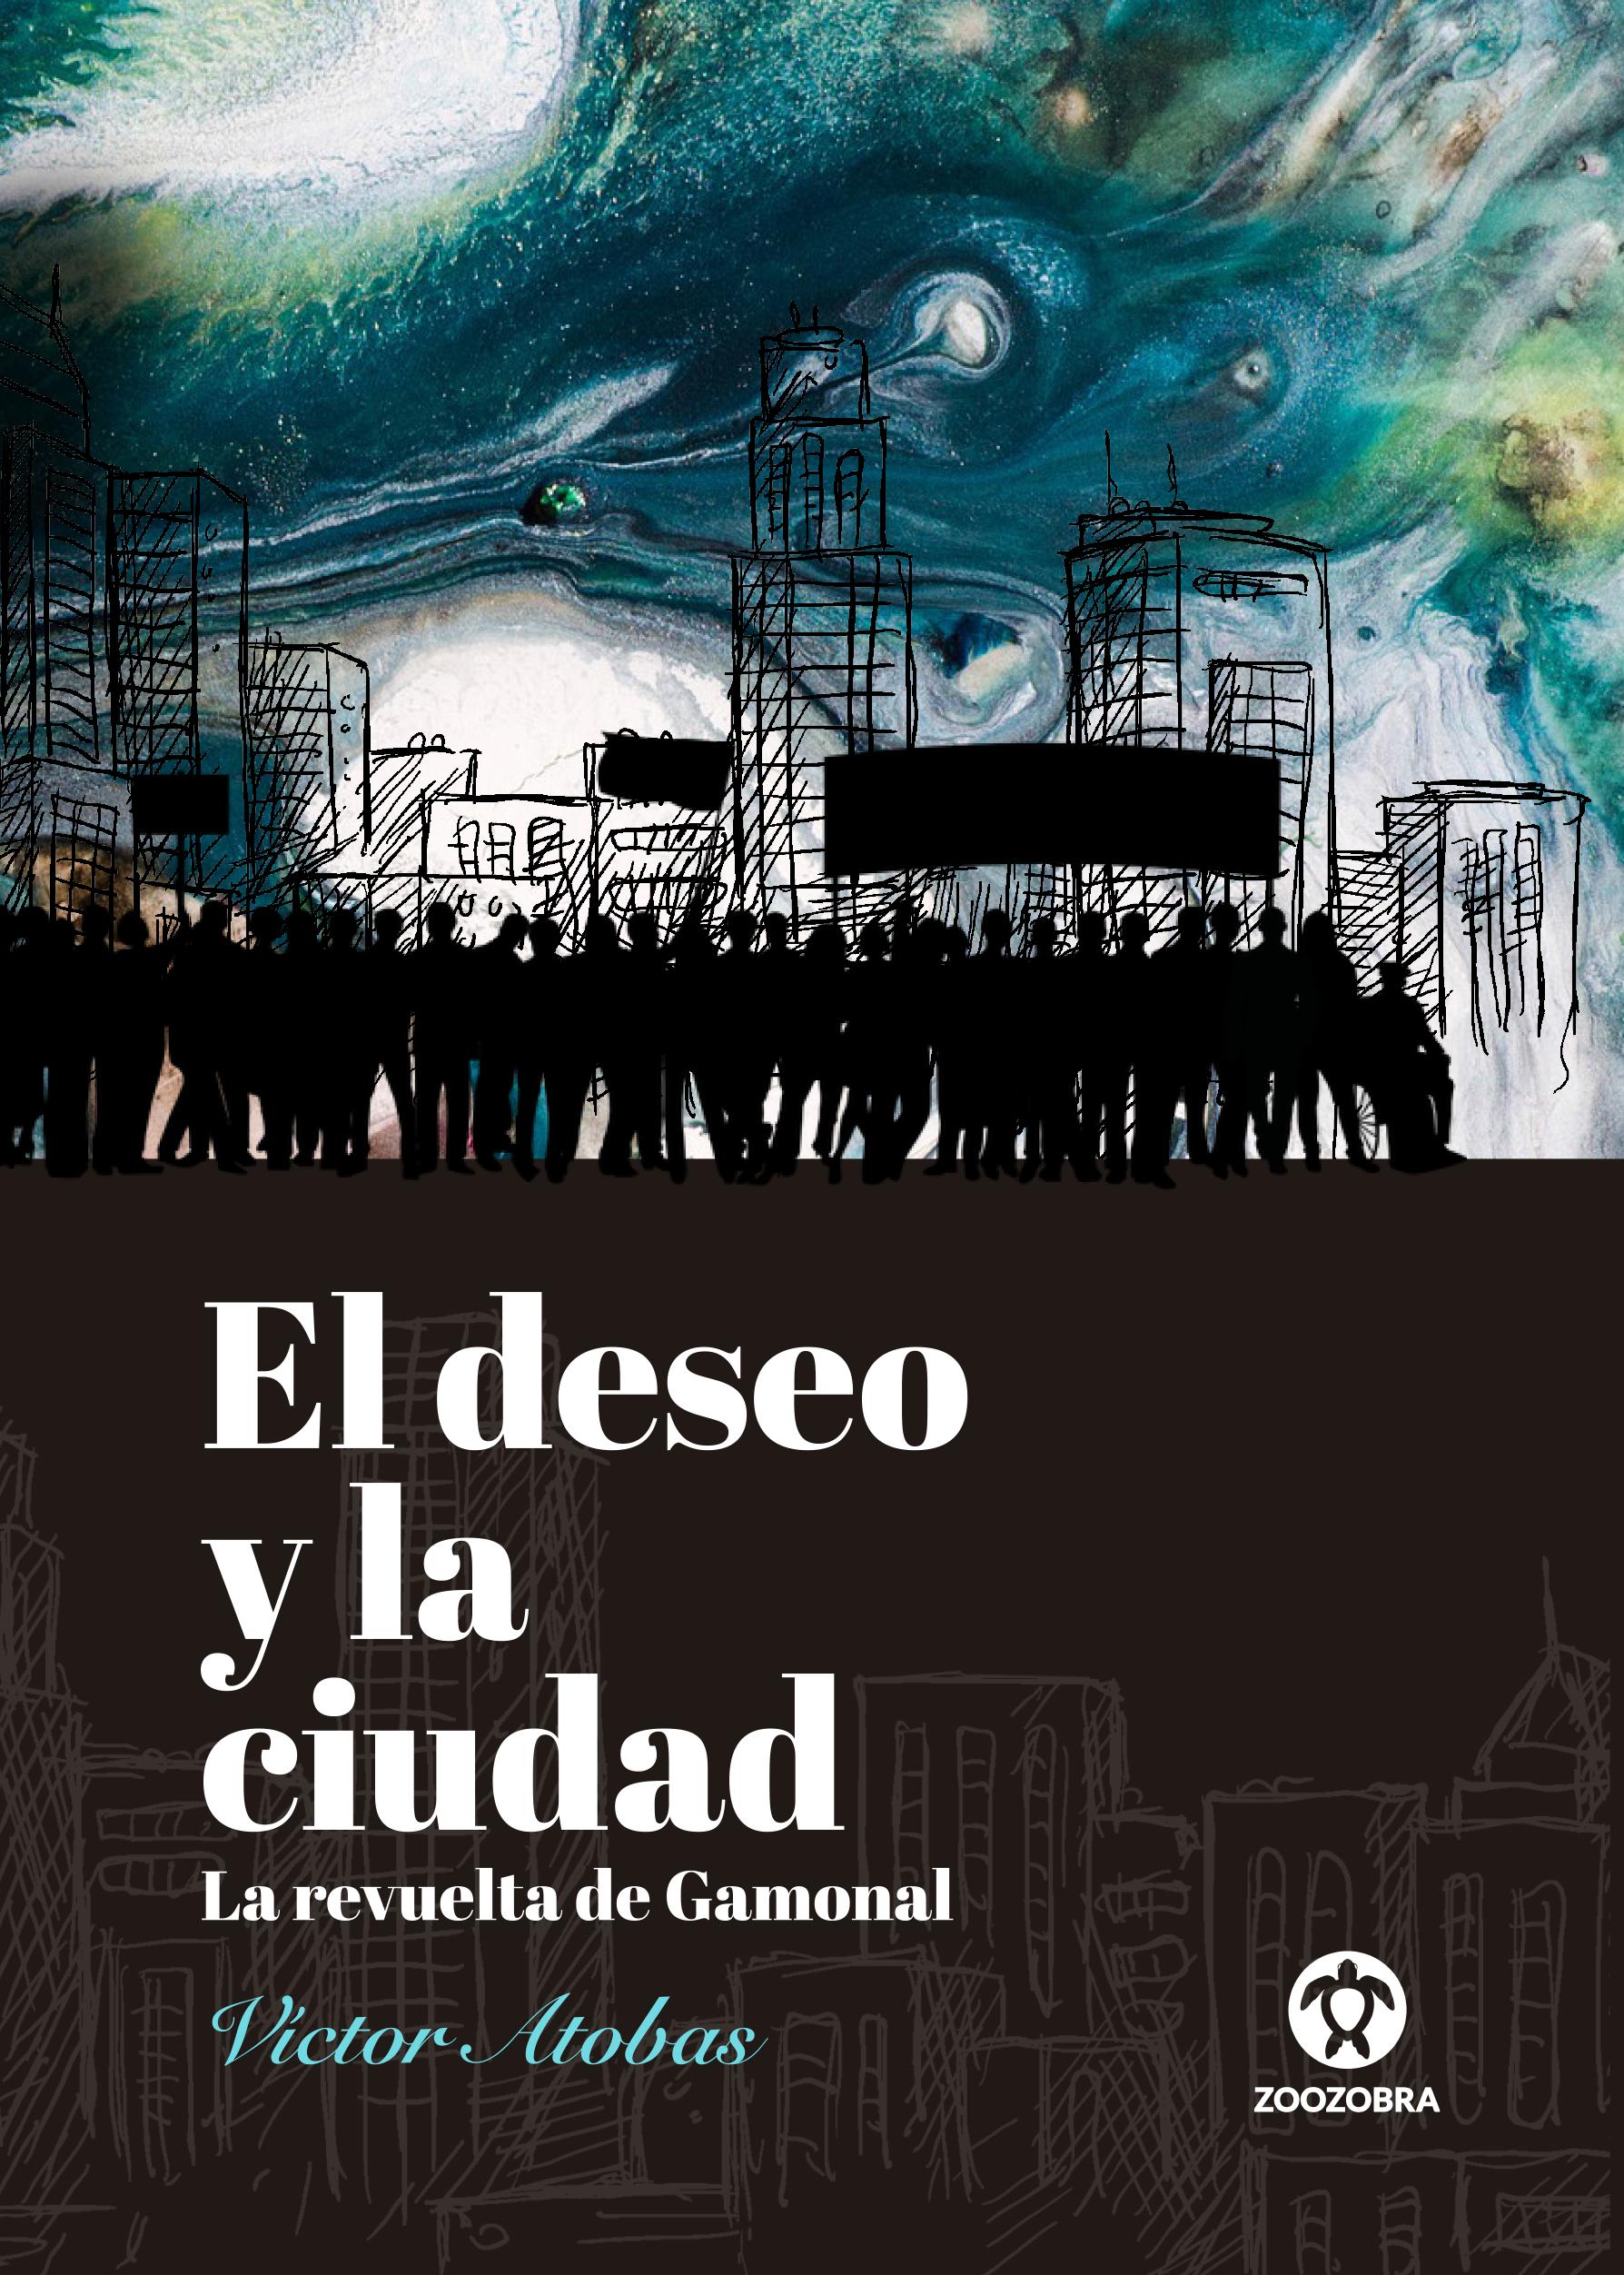 Entrevista con Víctor Atobas